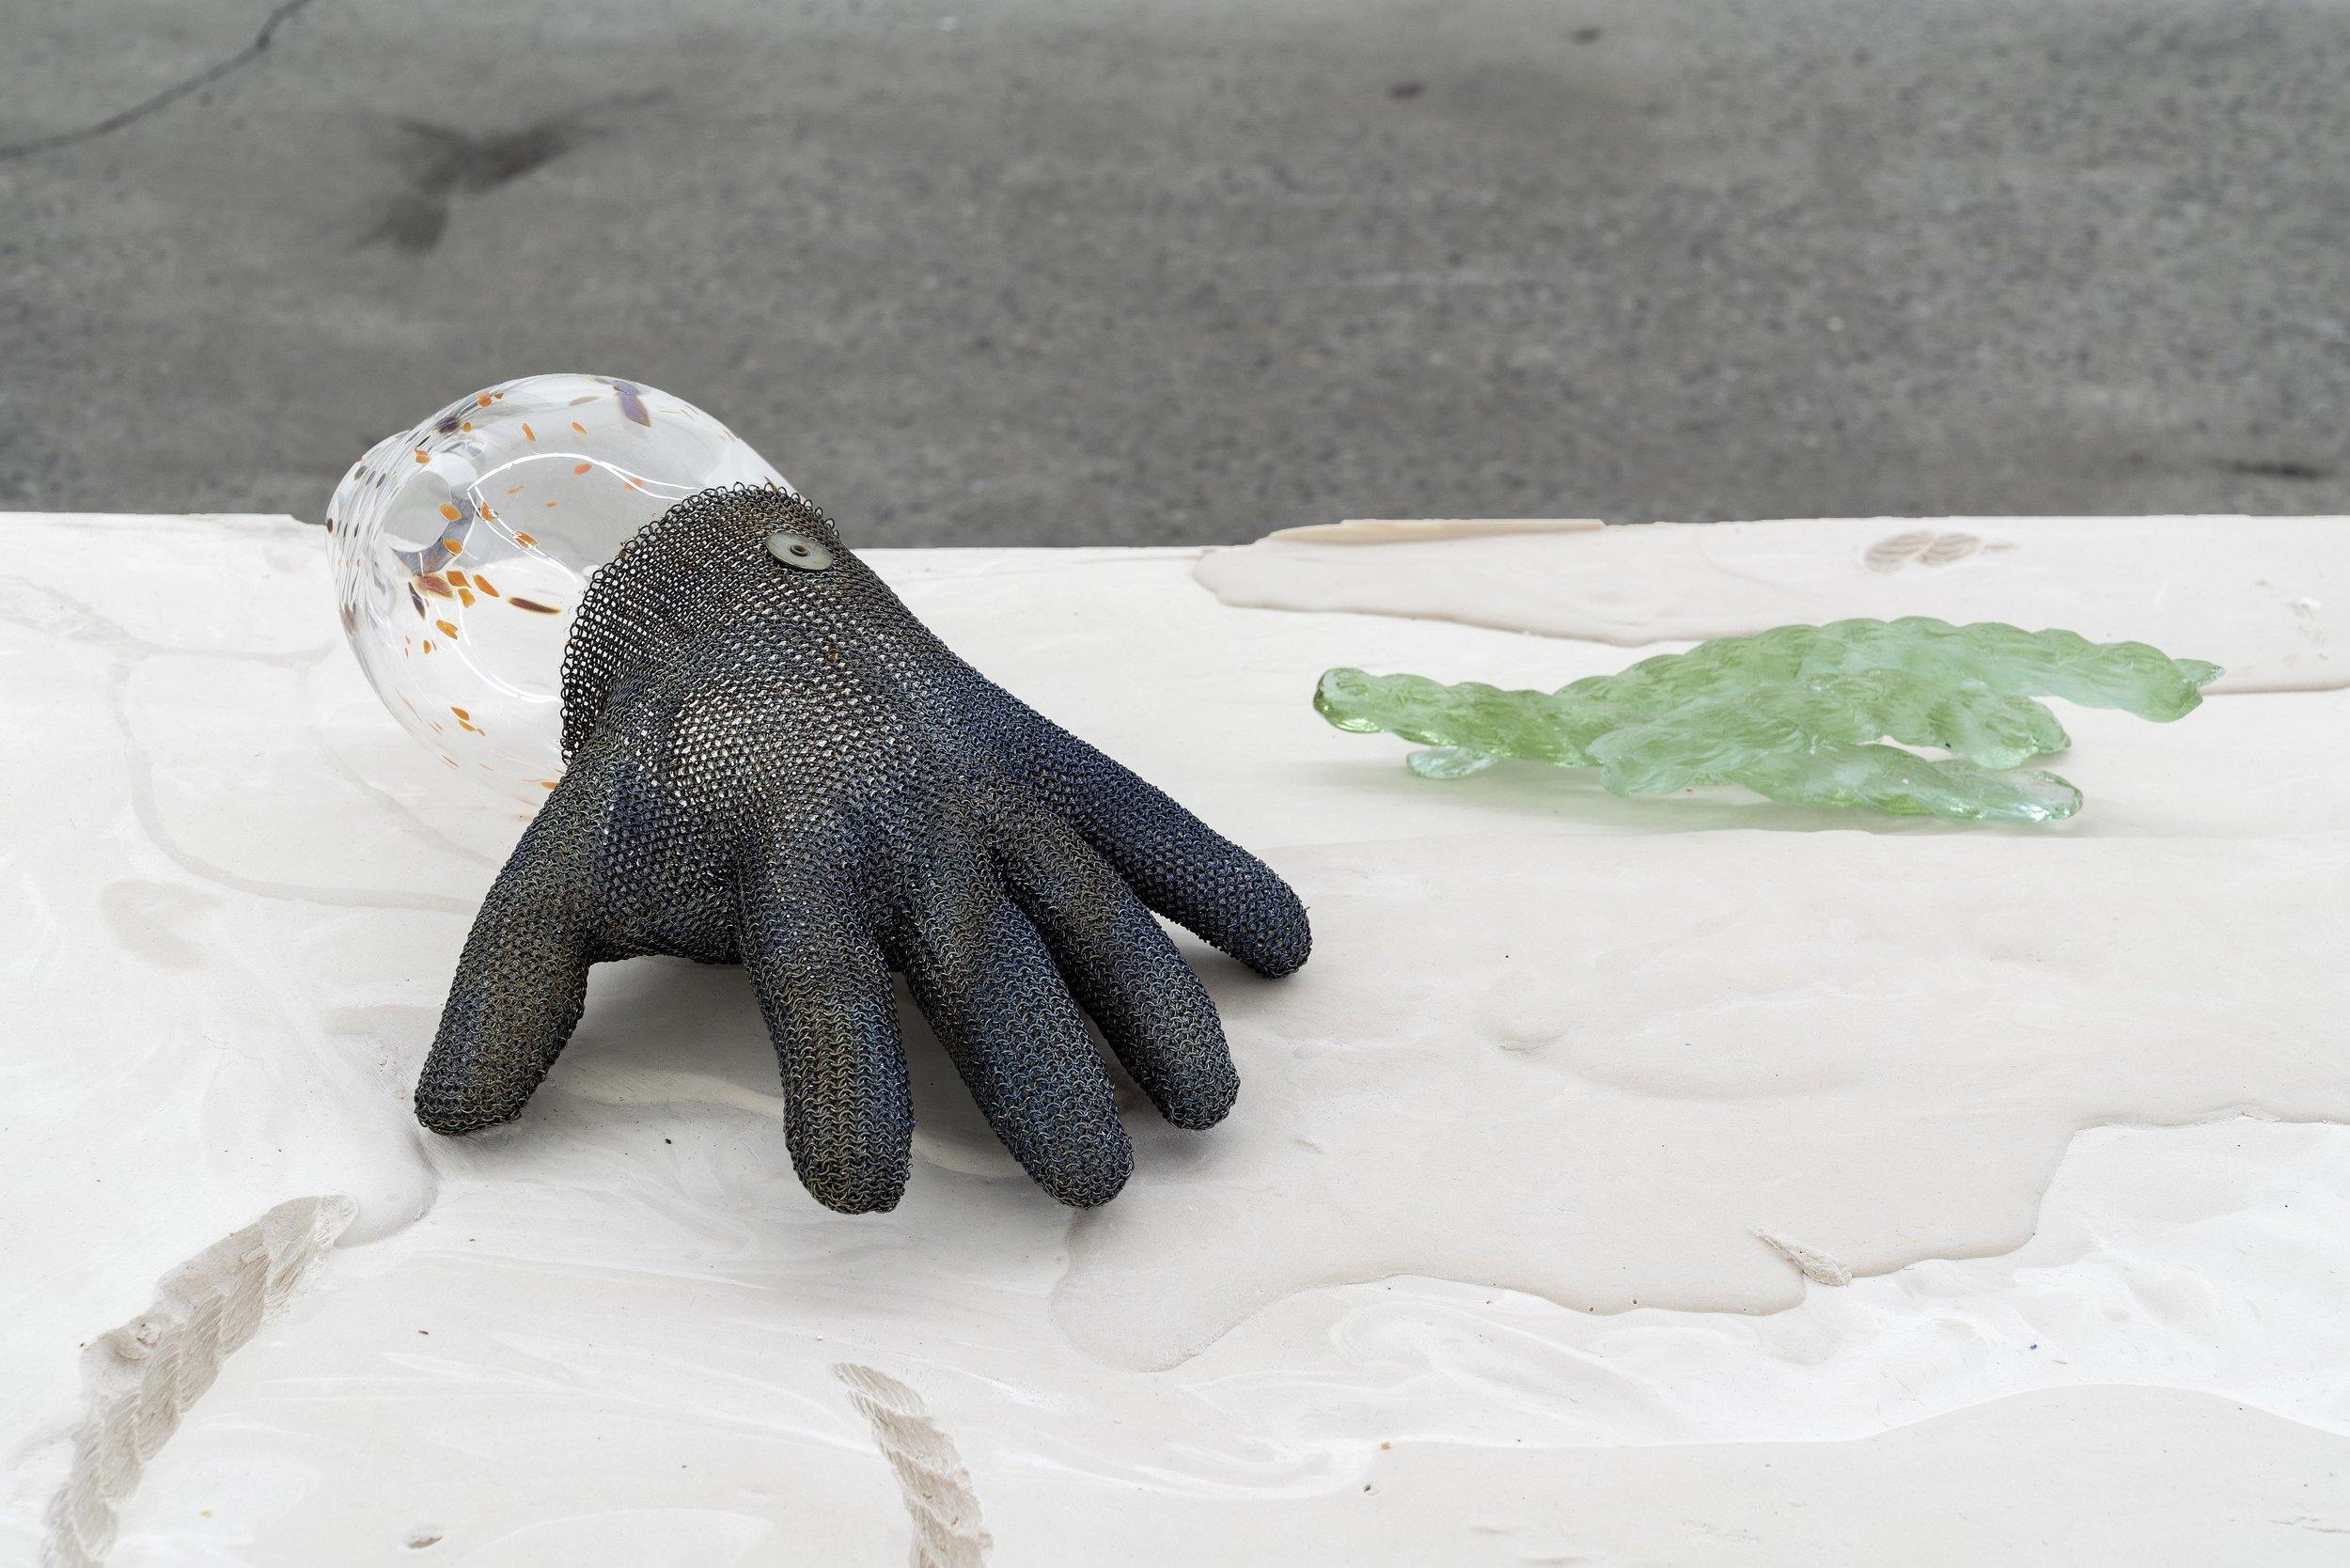 """Lorna Bauer,  The Hand of Mee and the Moonflower no.2 (détail), 2018,  verre soufflé, gants de boucher en acier, cristaux de verre dichroïque moulés, sphère de cristal, plâtre, bois, 51 x 91 x 213 cm (20"""" x 36"""" x 84"""")"""